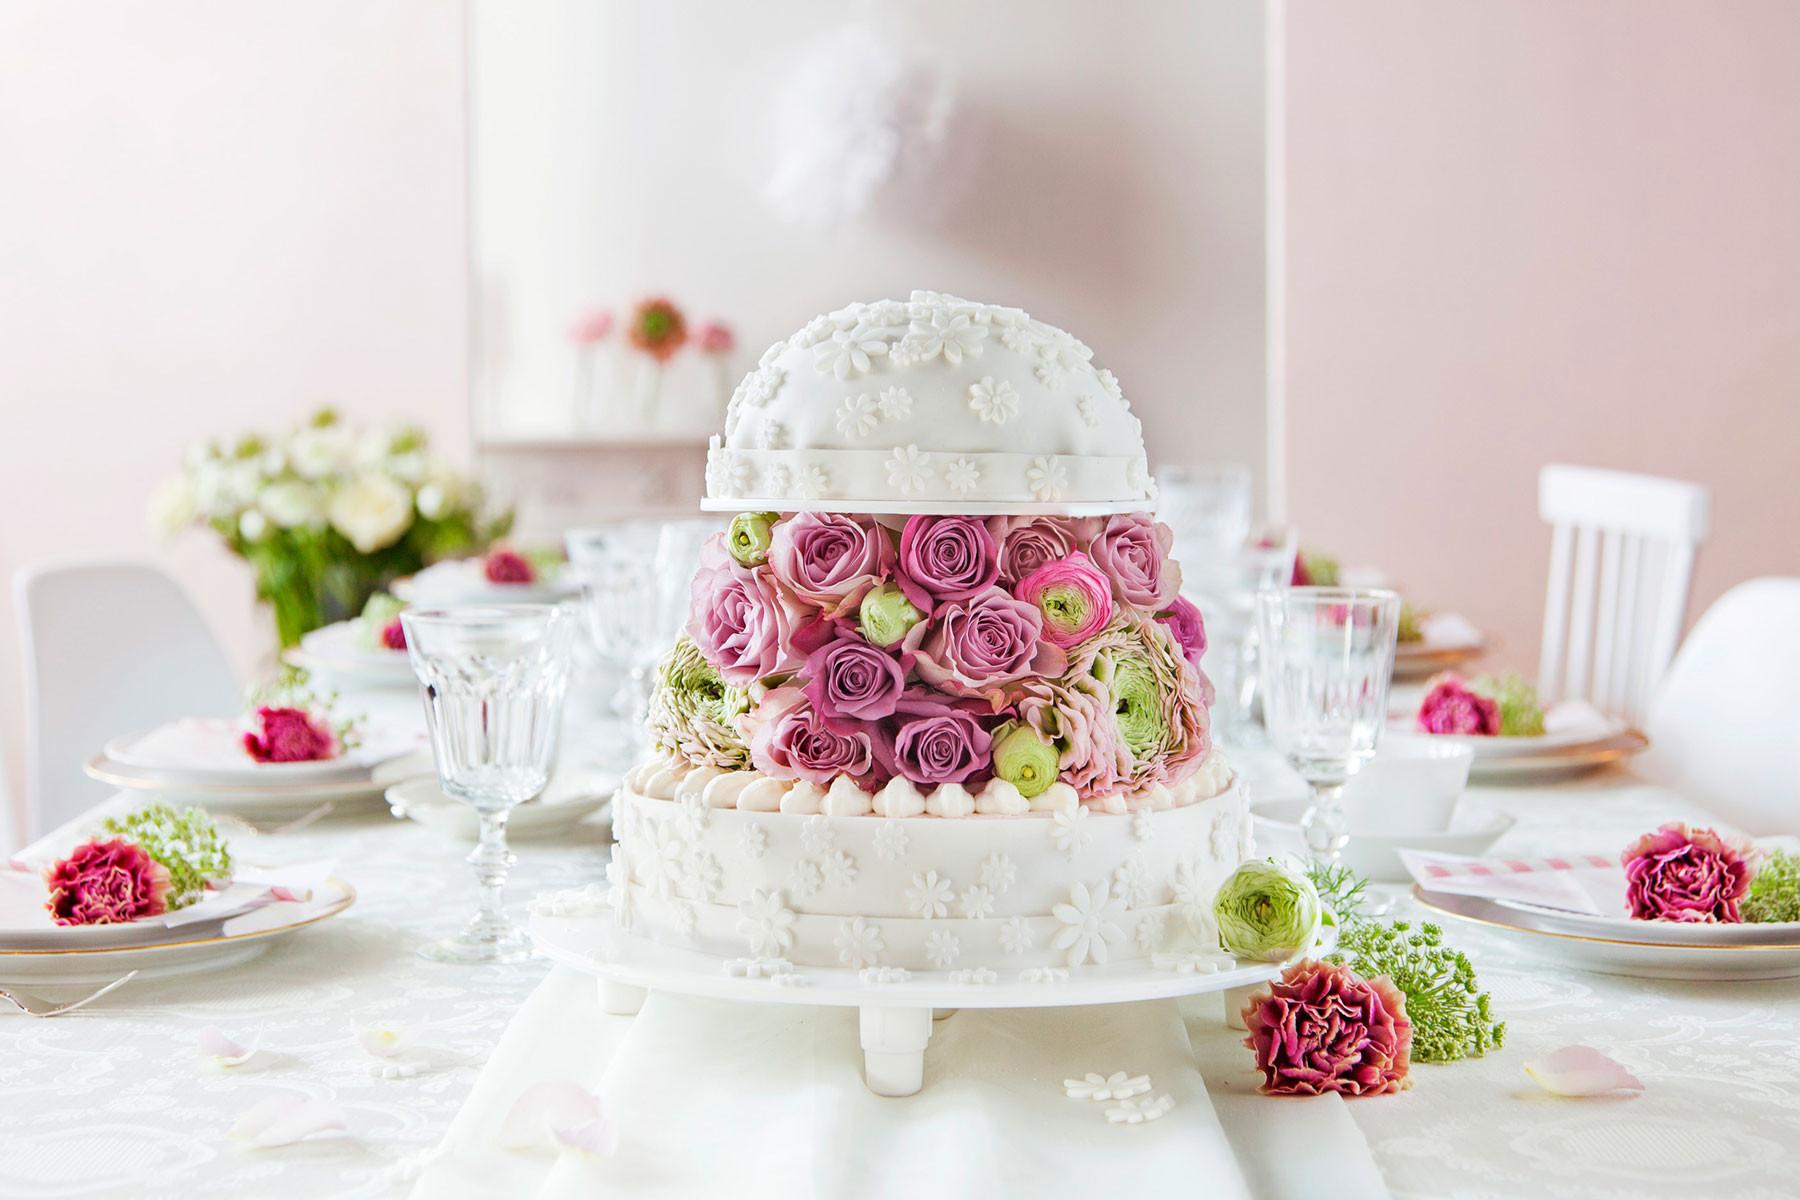 Hochzeitstorte Deko  Hochzeitstorte in Weiß mit Fondant & Blumen Anleitung